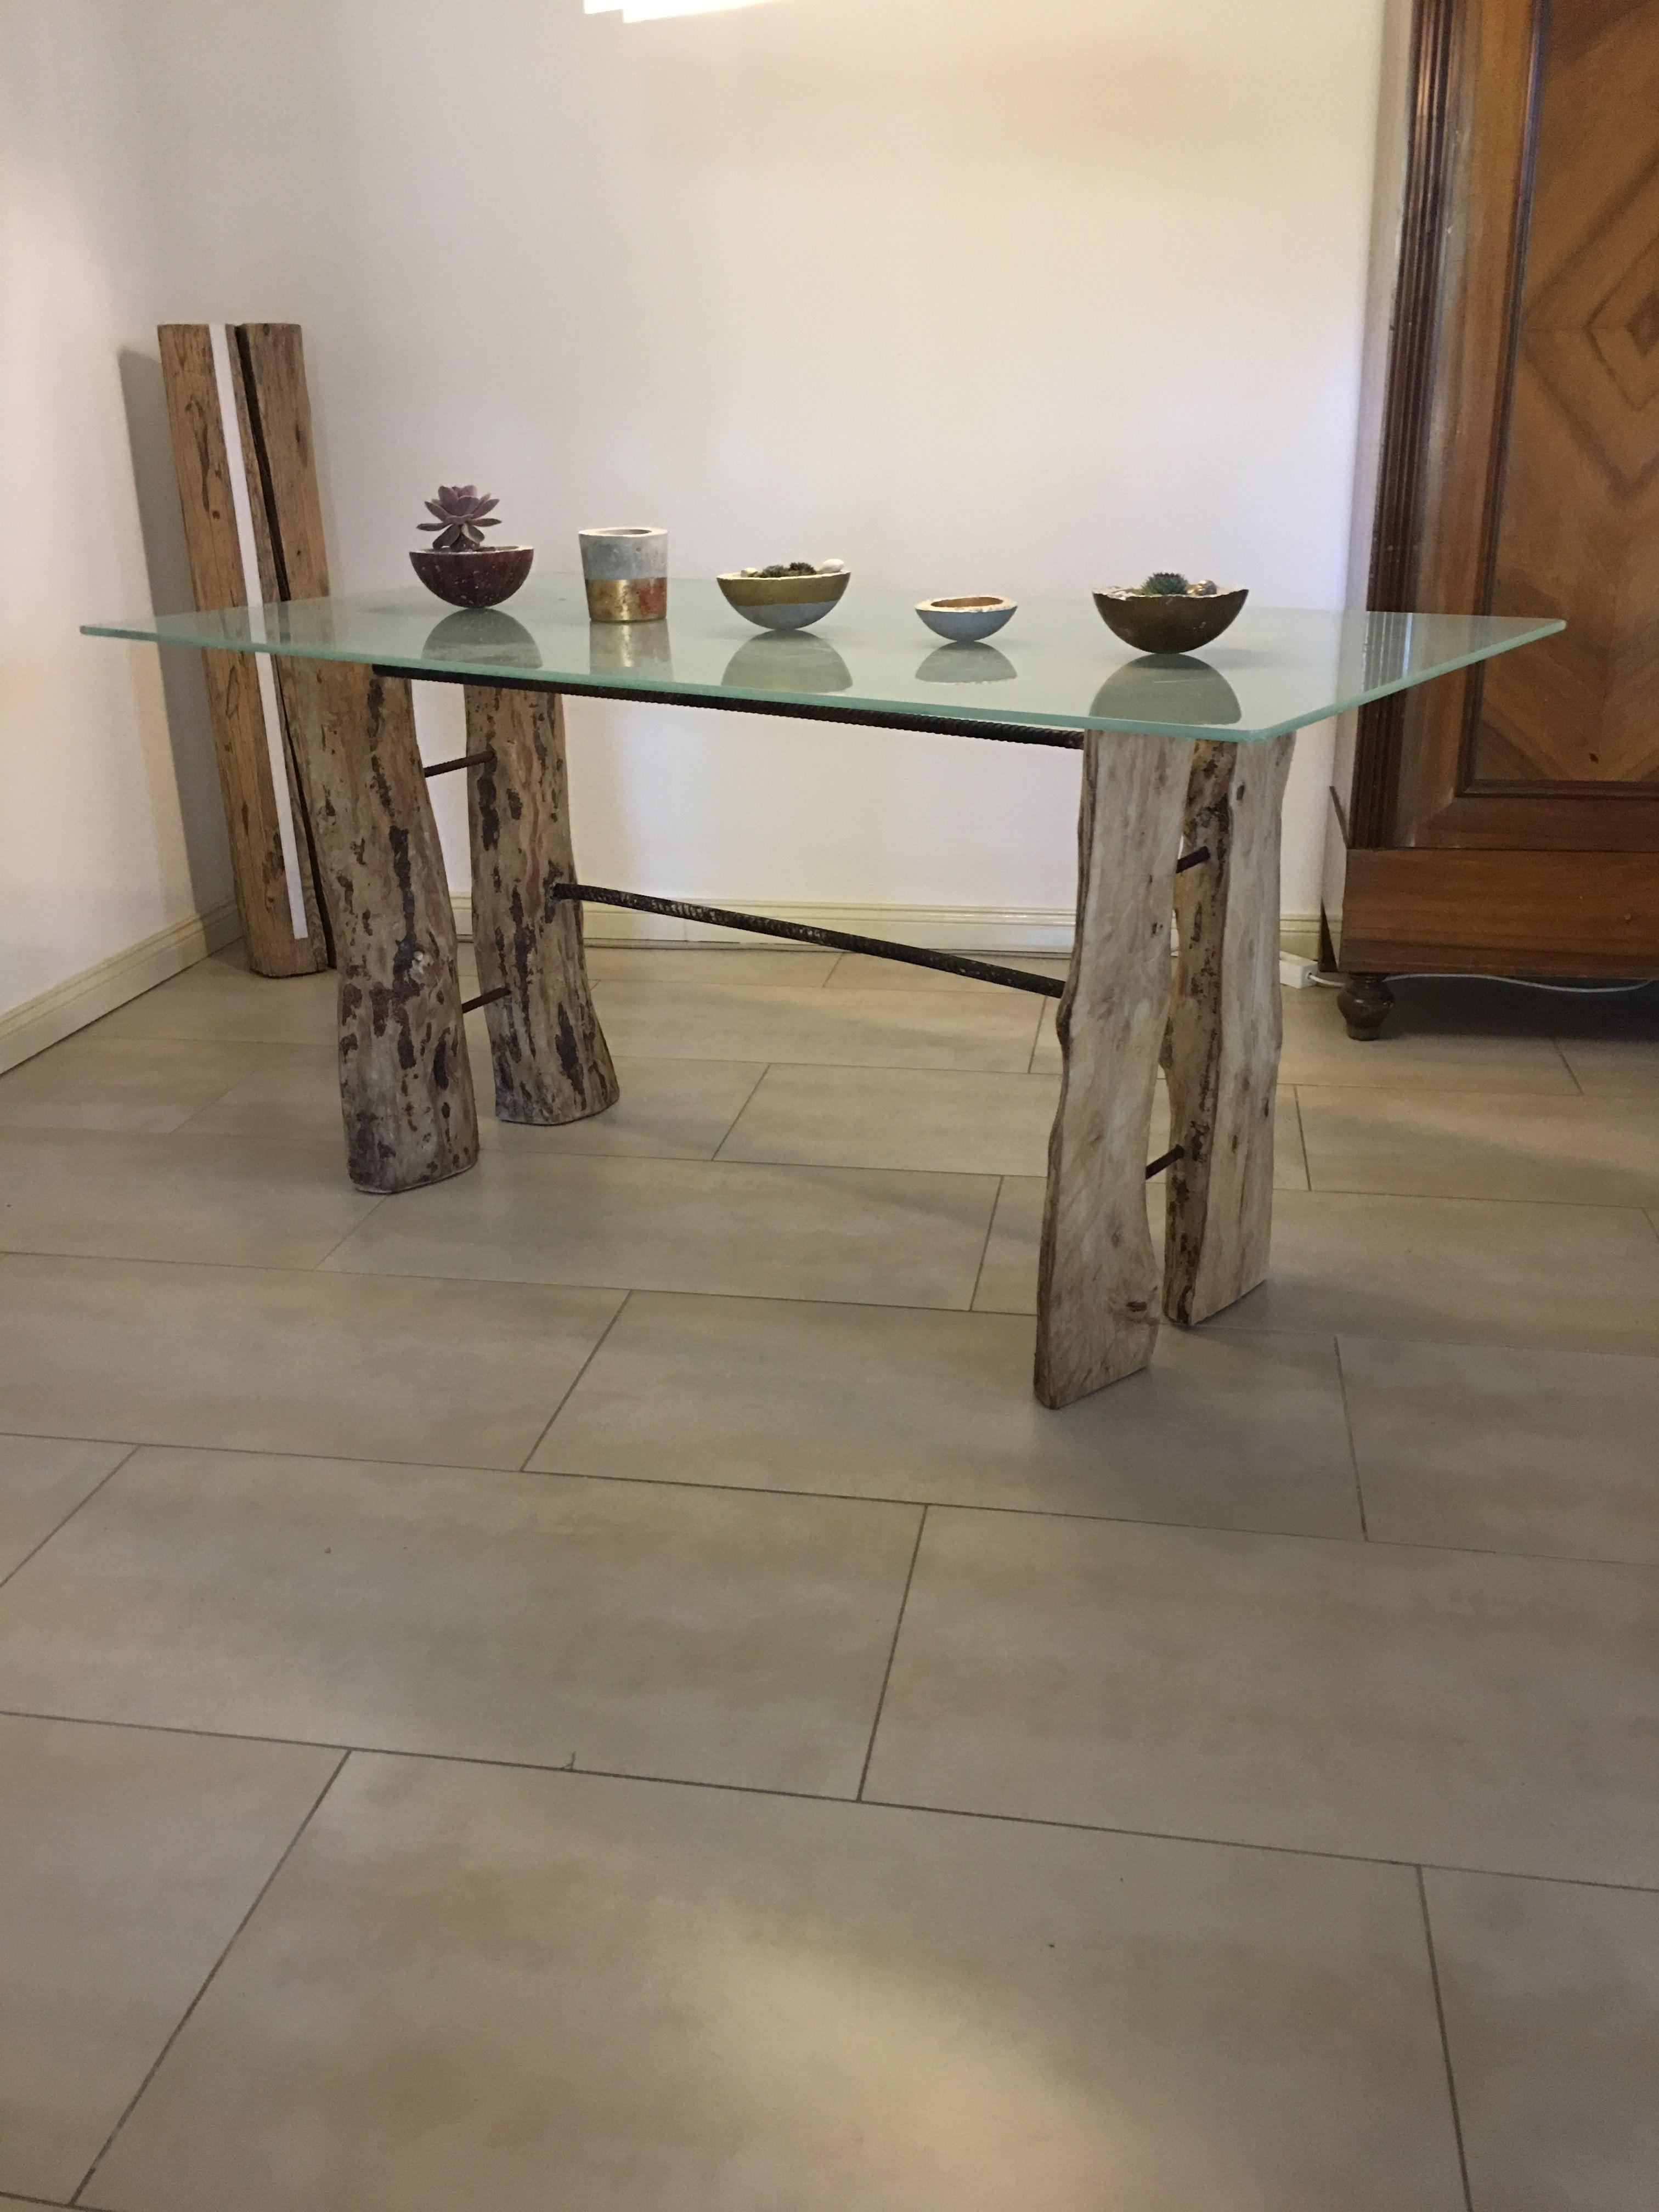 Attraktiv Glastisch Mit Holz Galerie Von Design Füßen Aus Birke Und Bau Stahl